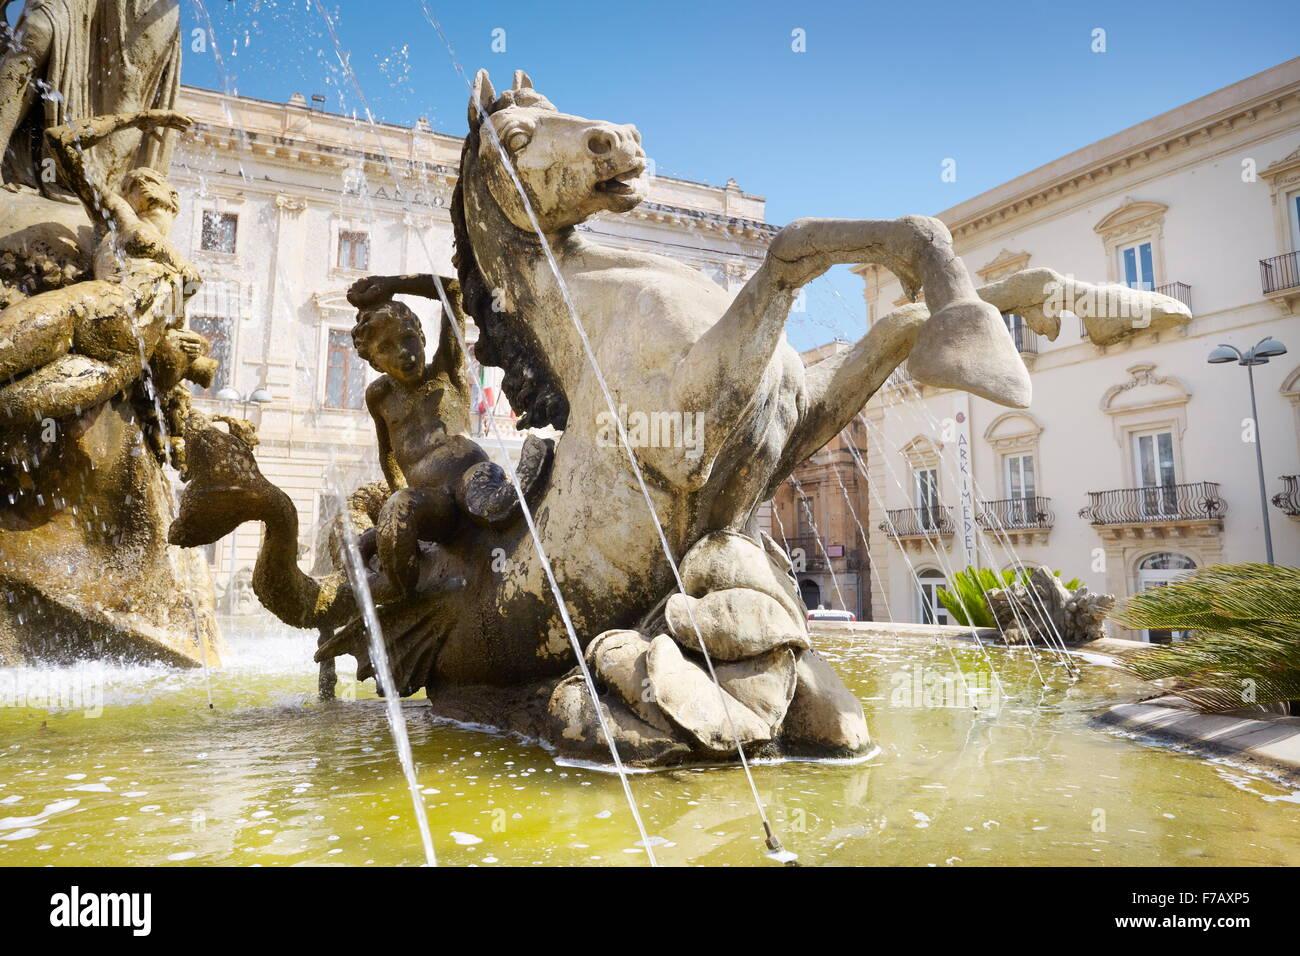 Diana fountain, Syracuse, Sicily, Italy UNESCO - Stock Image